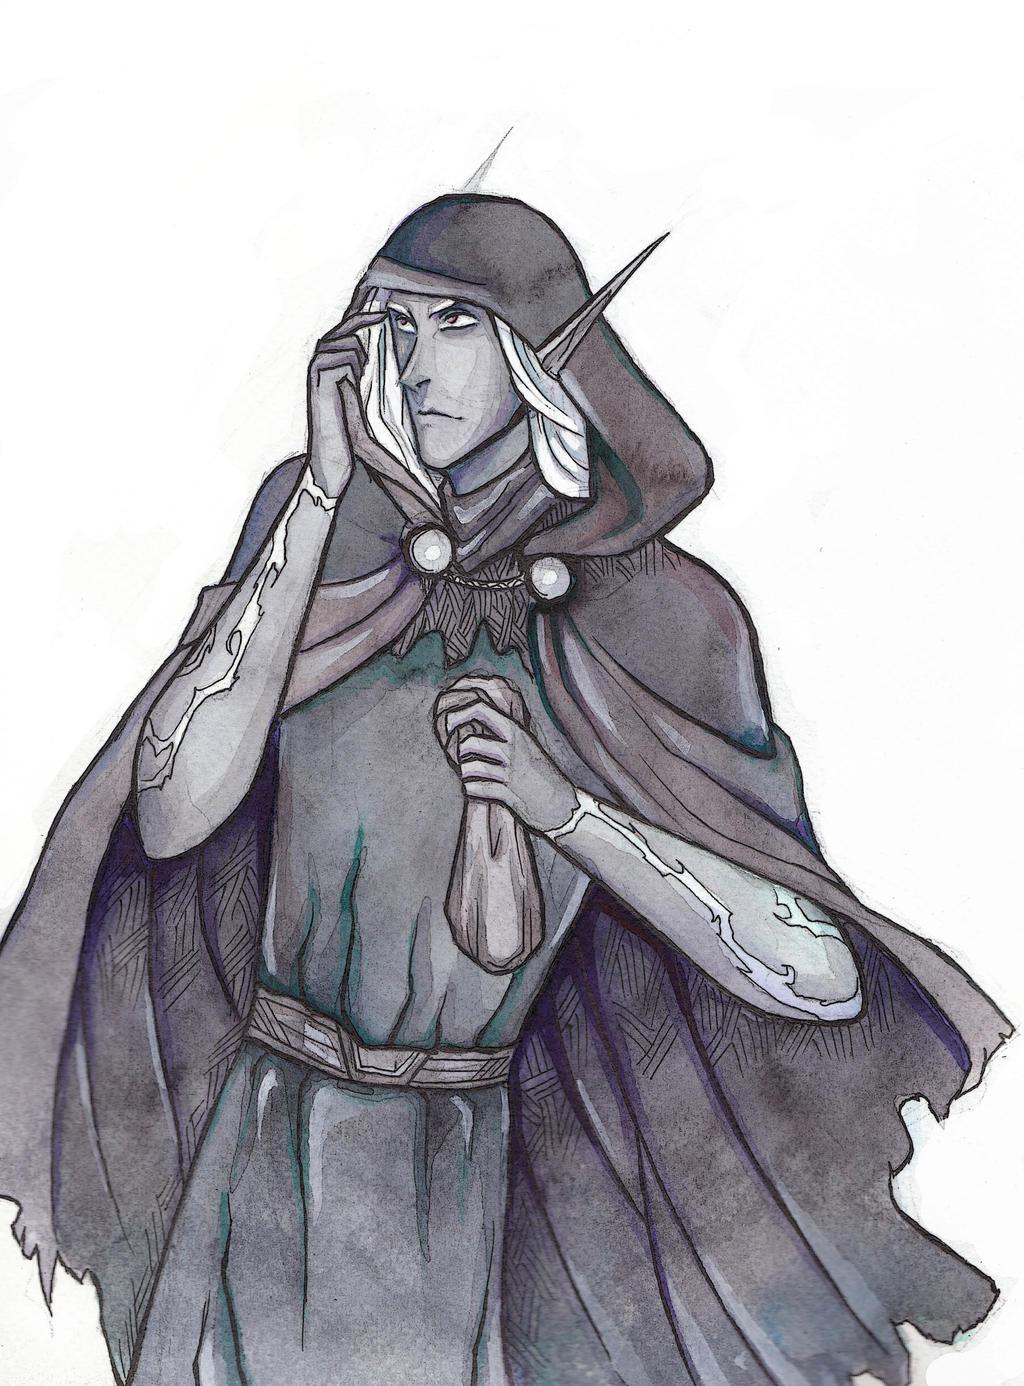 Thief by LadySiryna